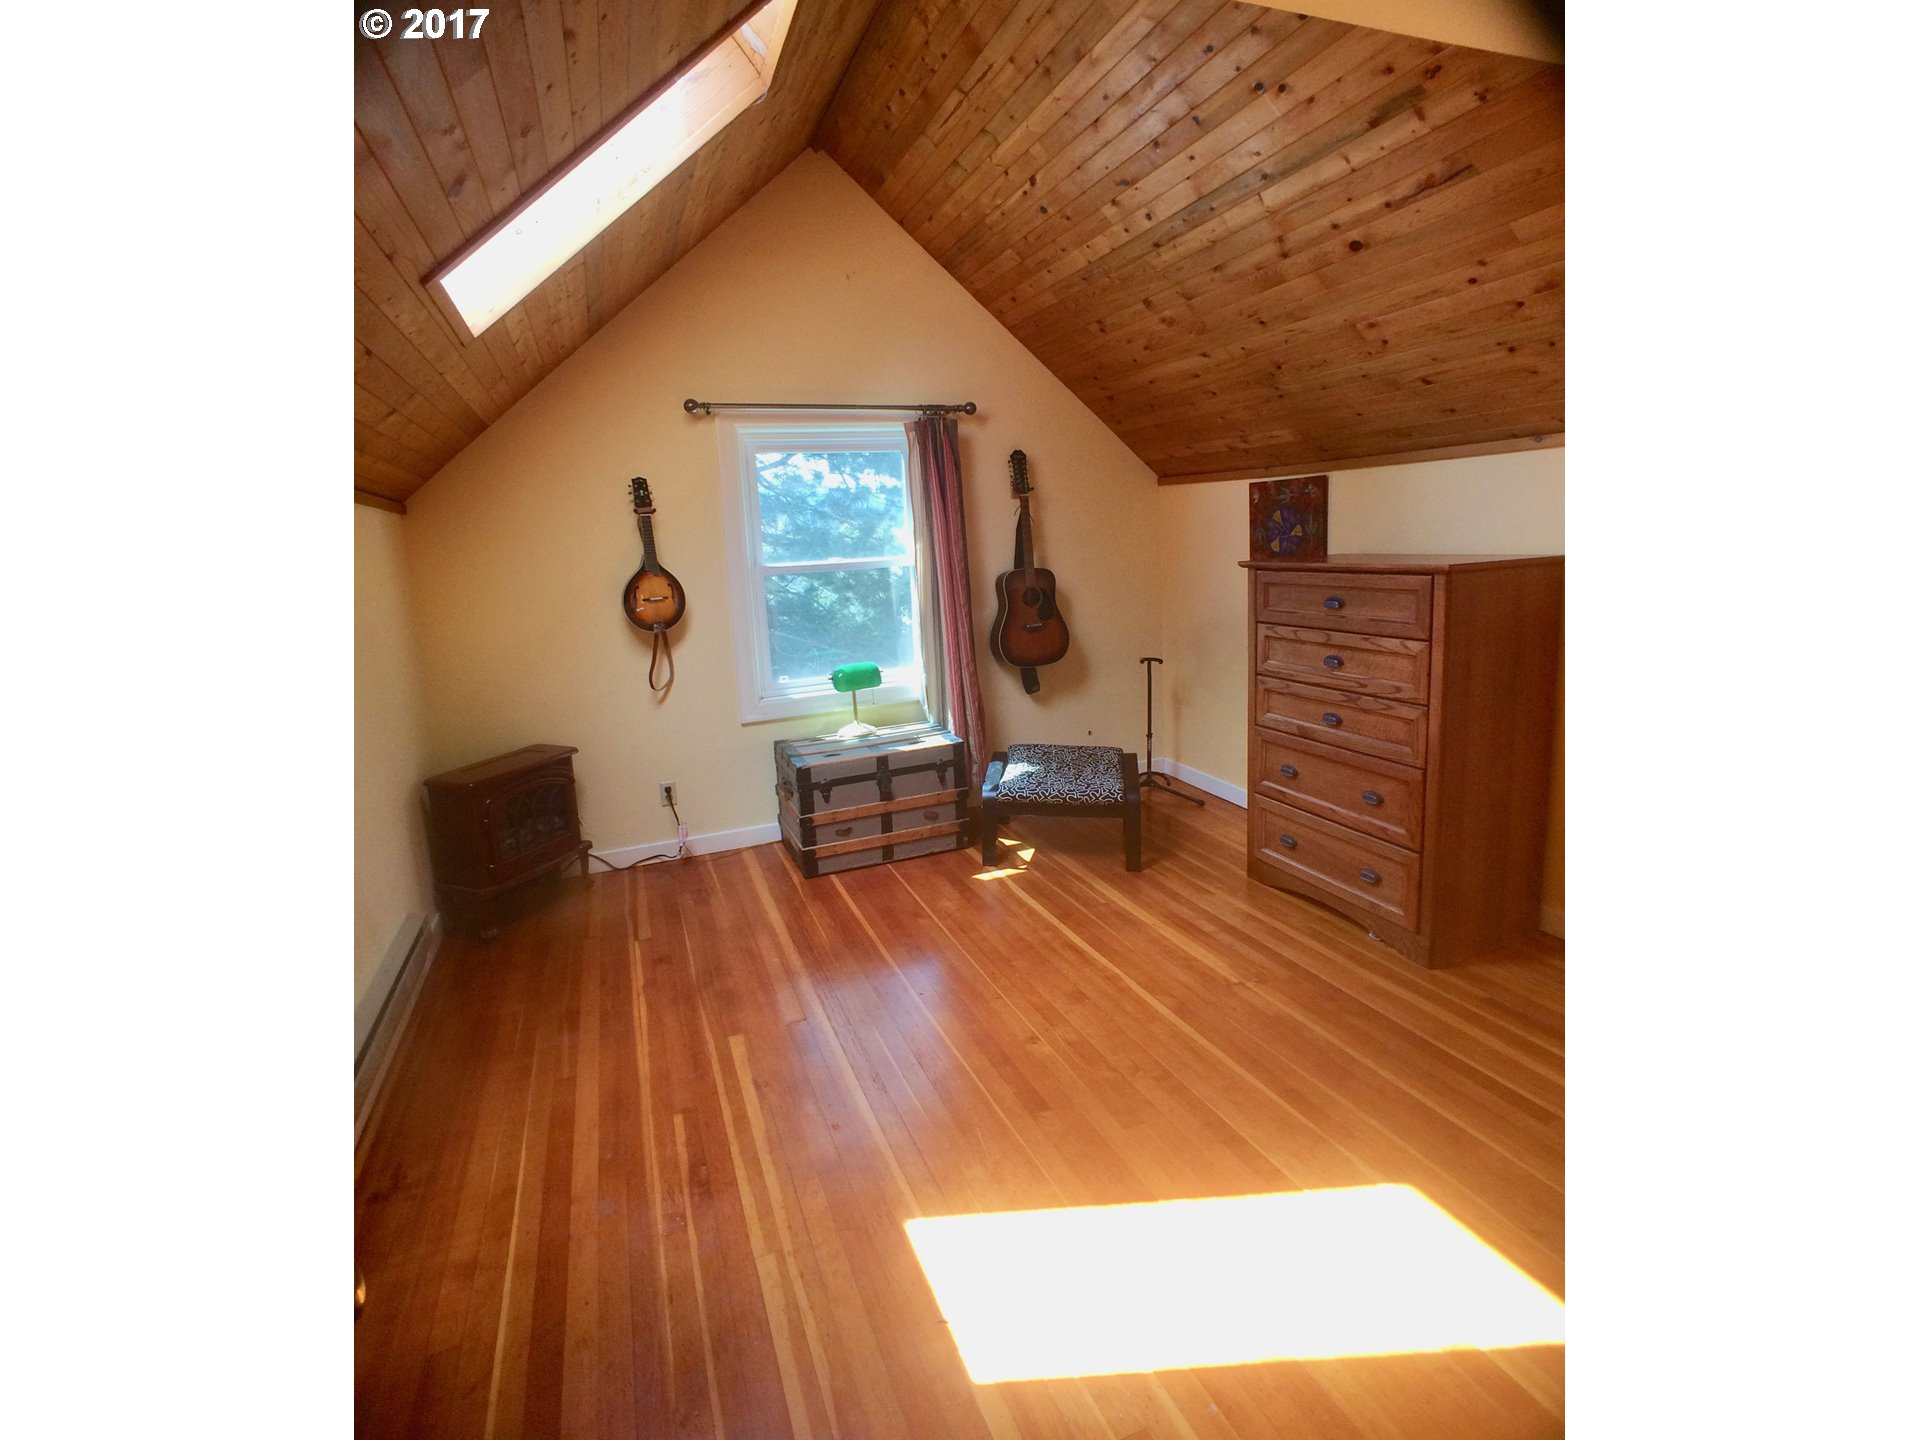 2361 HILYARD ST Eugene, OR 97405 - MLS #: 17540397